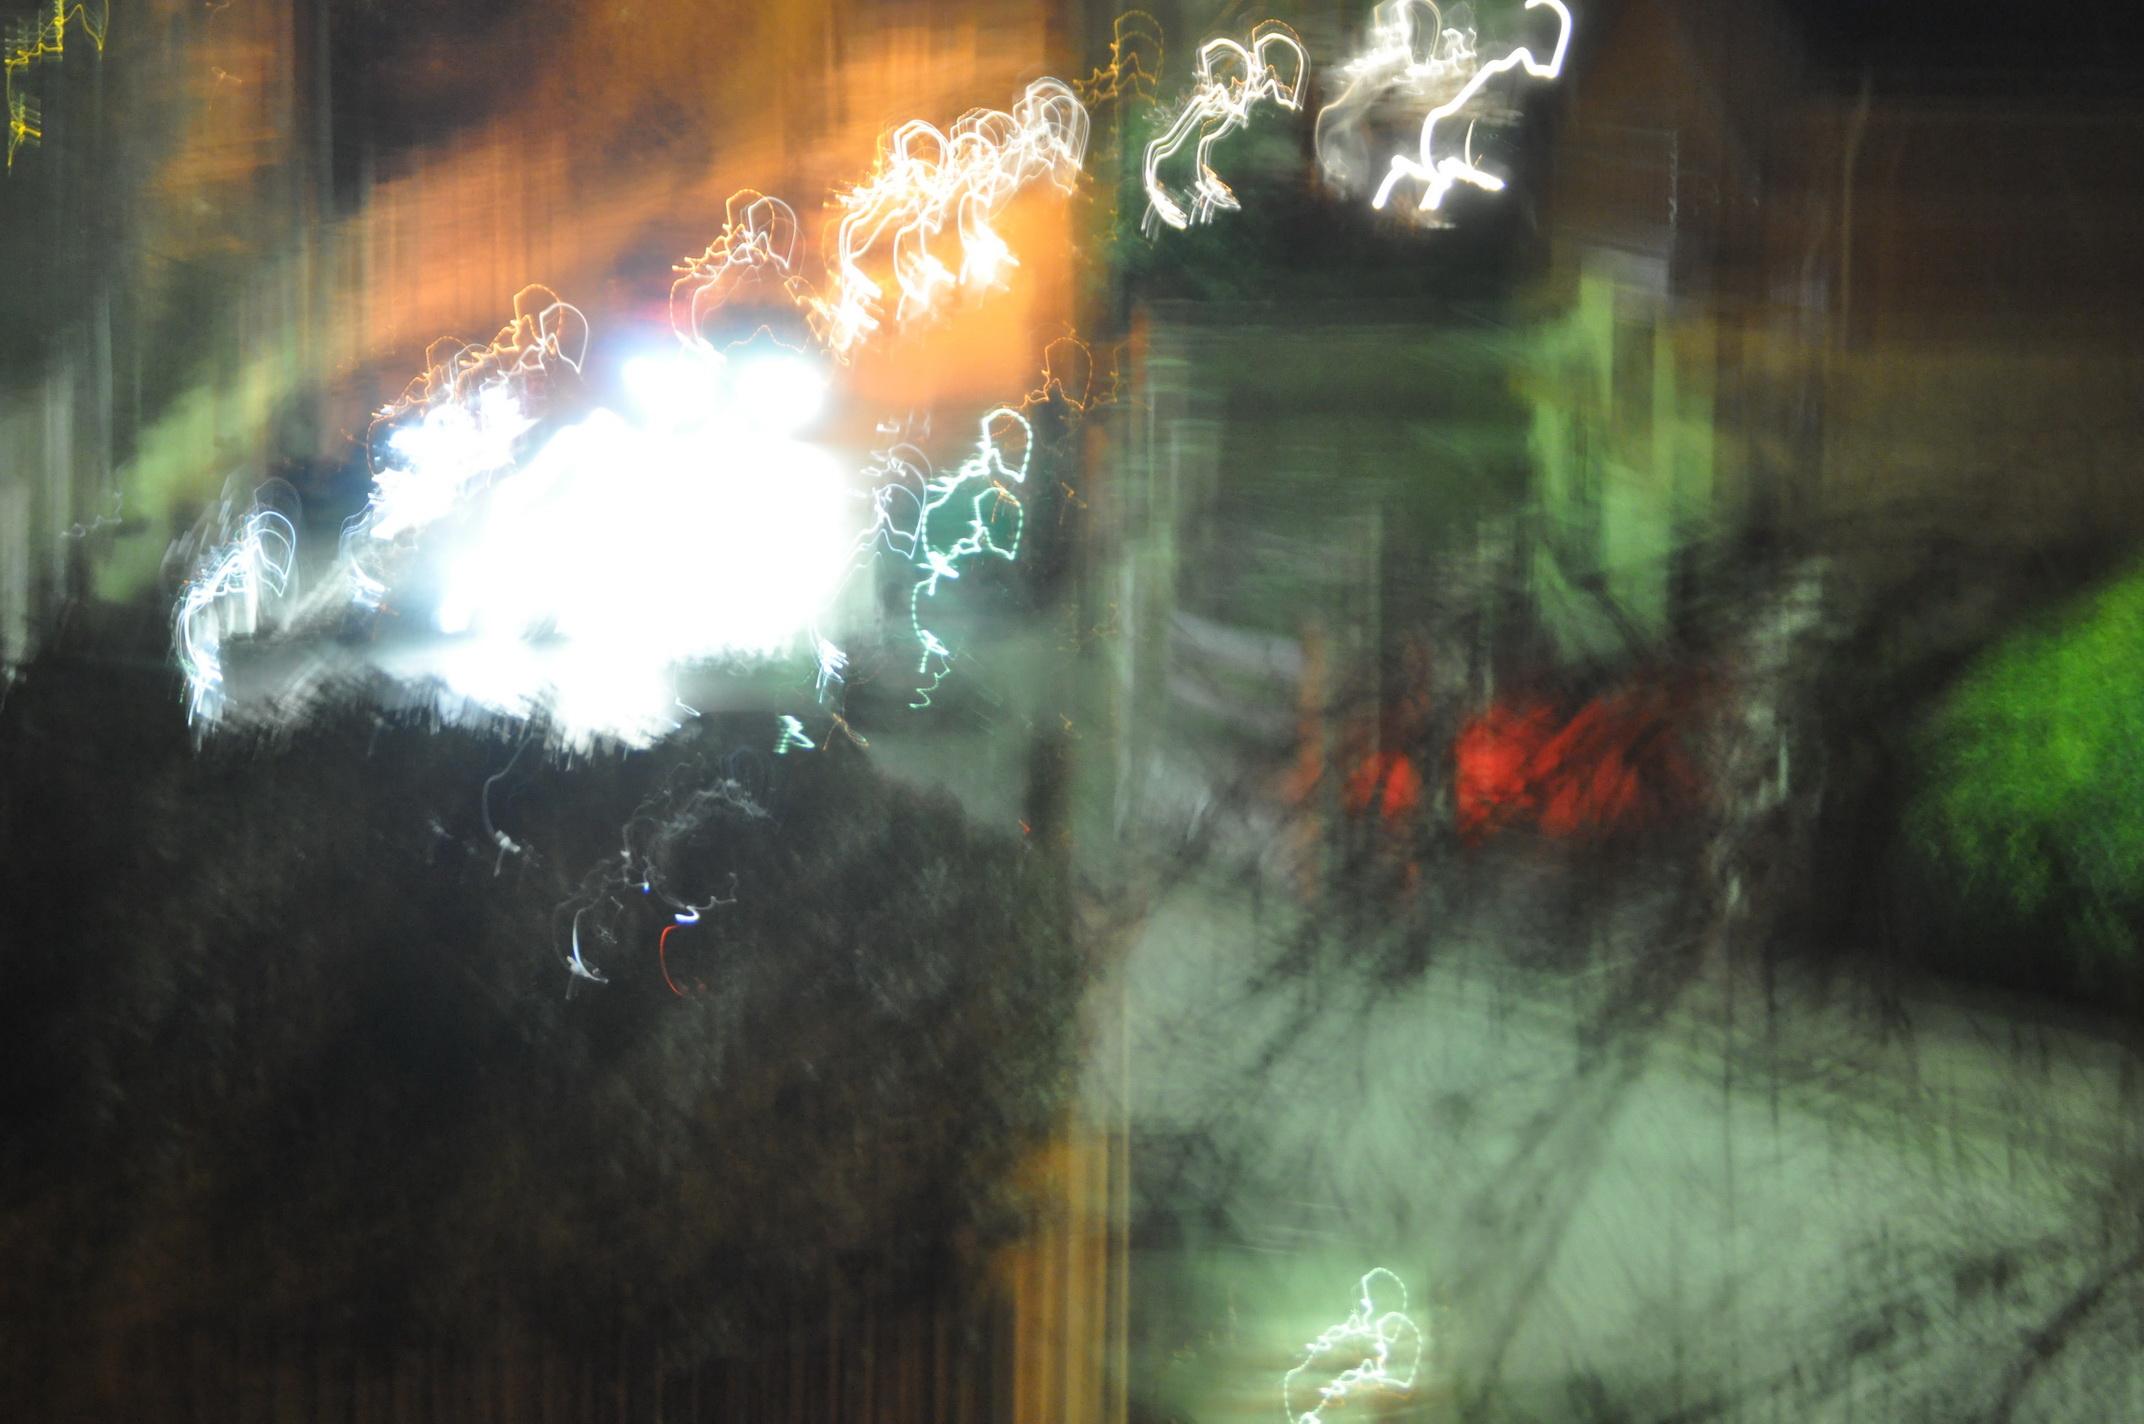 Photo: reflets au crépuscule, de ma fenêtre à Sucy